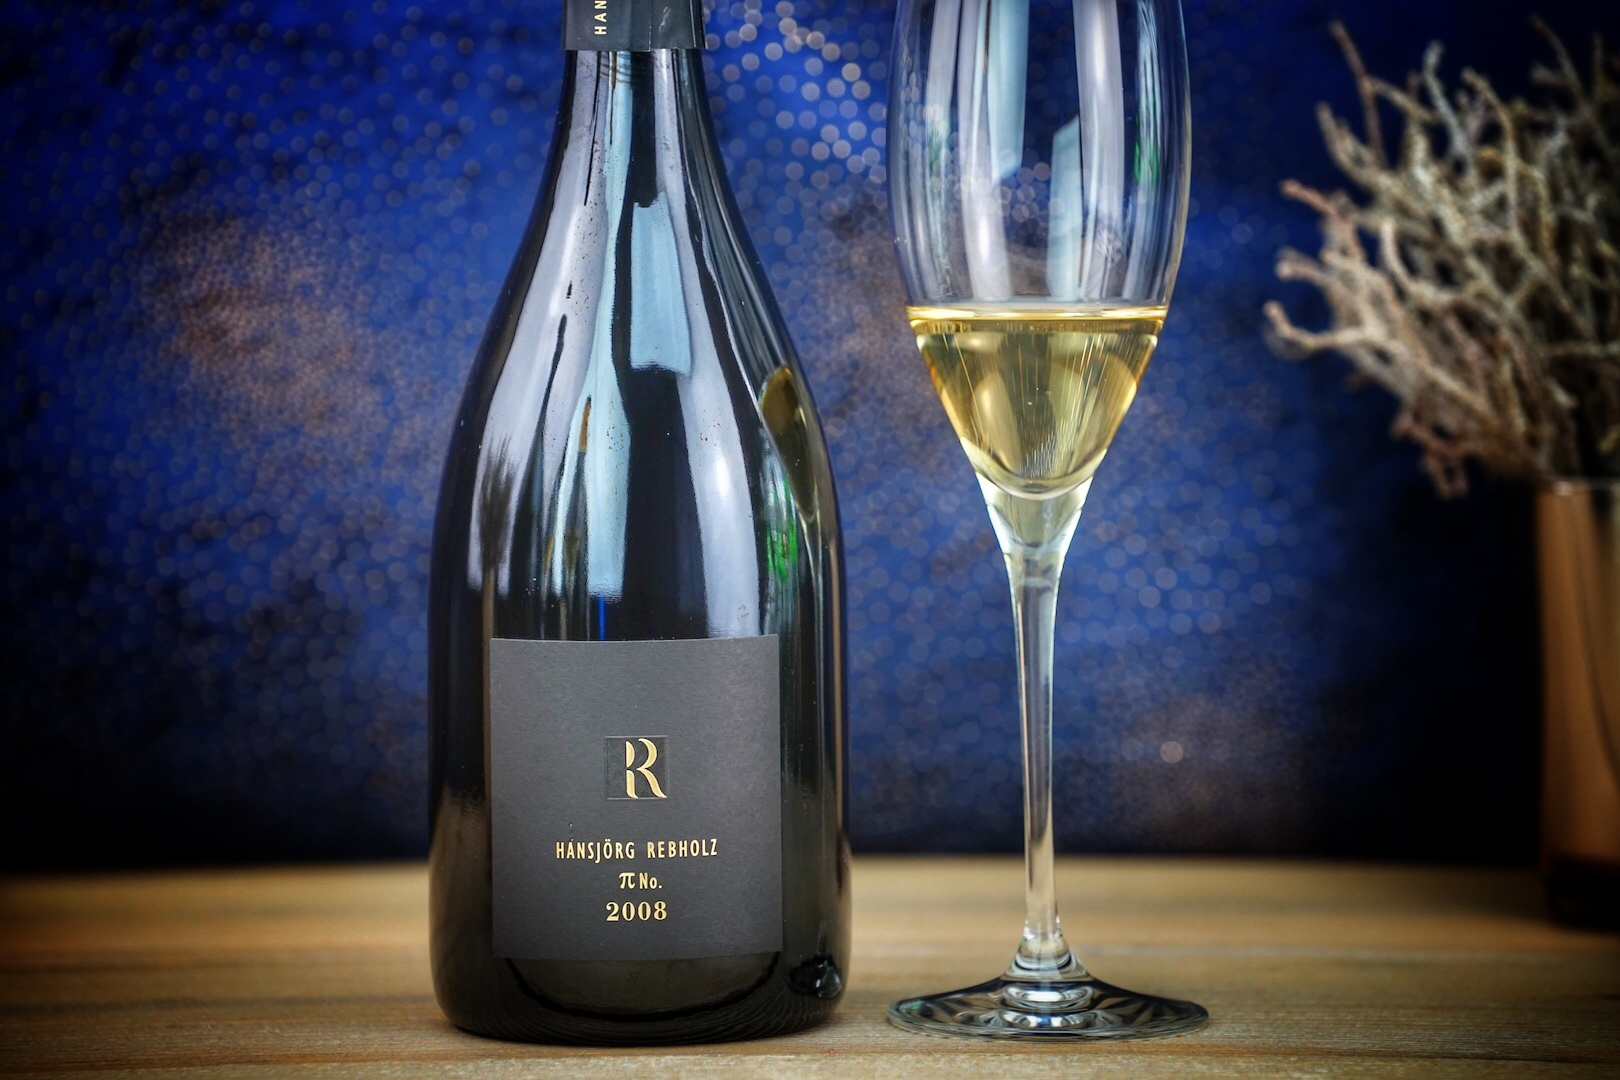 Der 2008 Pi No Gold von Hansjörg Rebholz lag 90 Monate auf der Hefe - die deutsche Antwort auf den Champagner